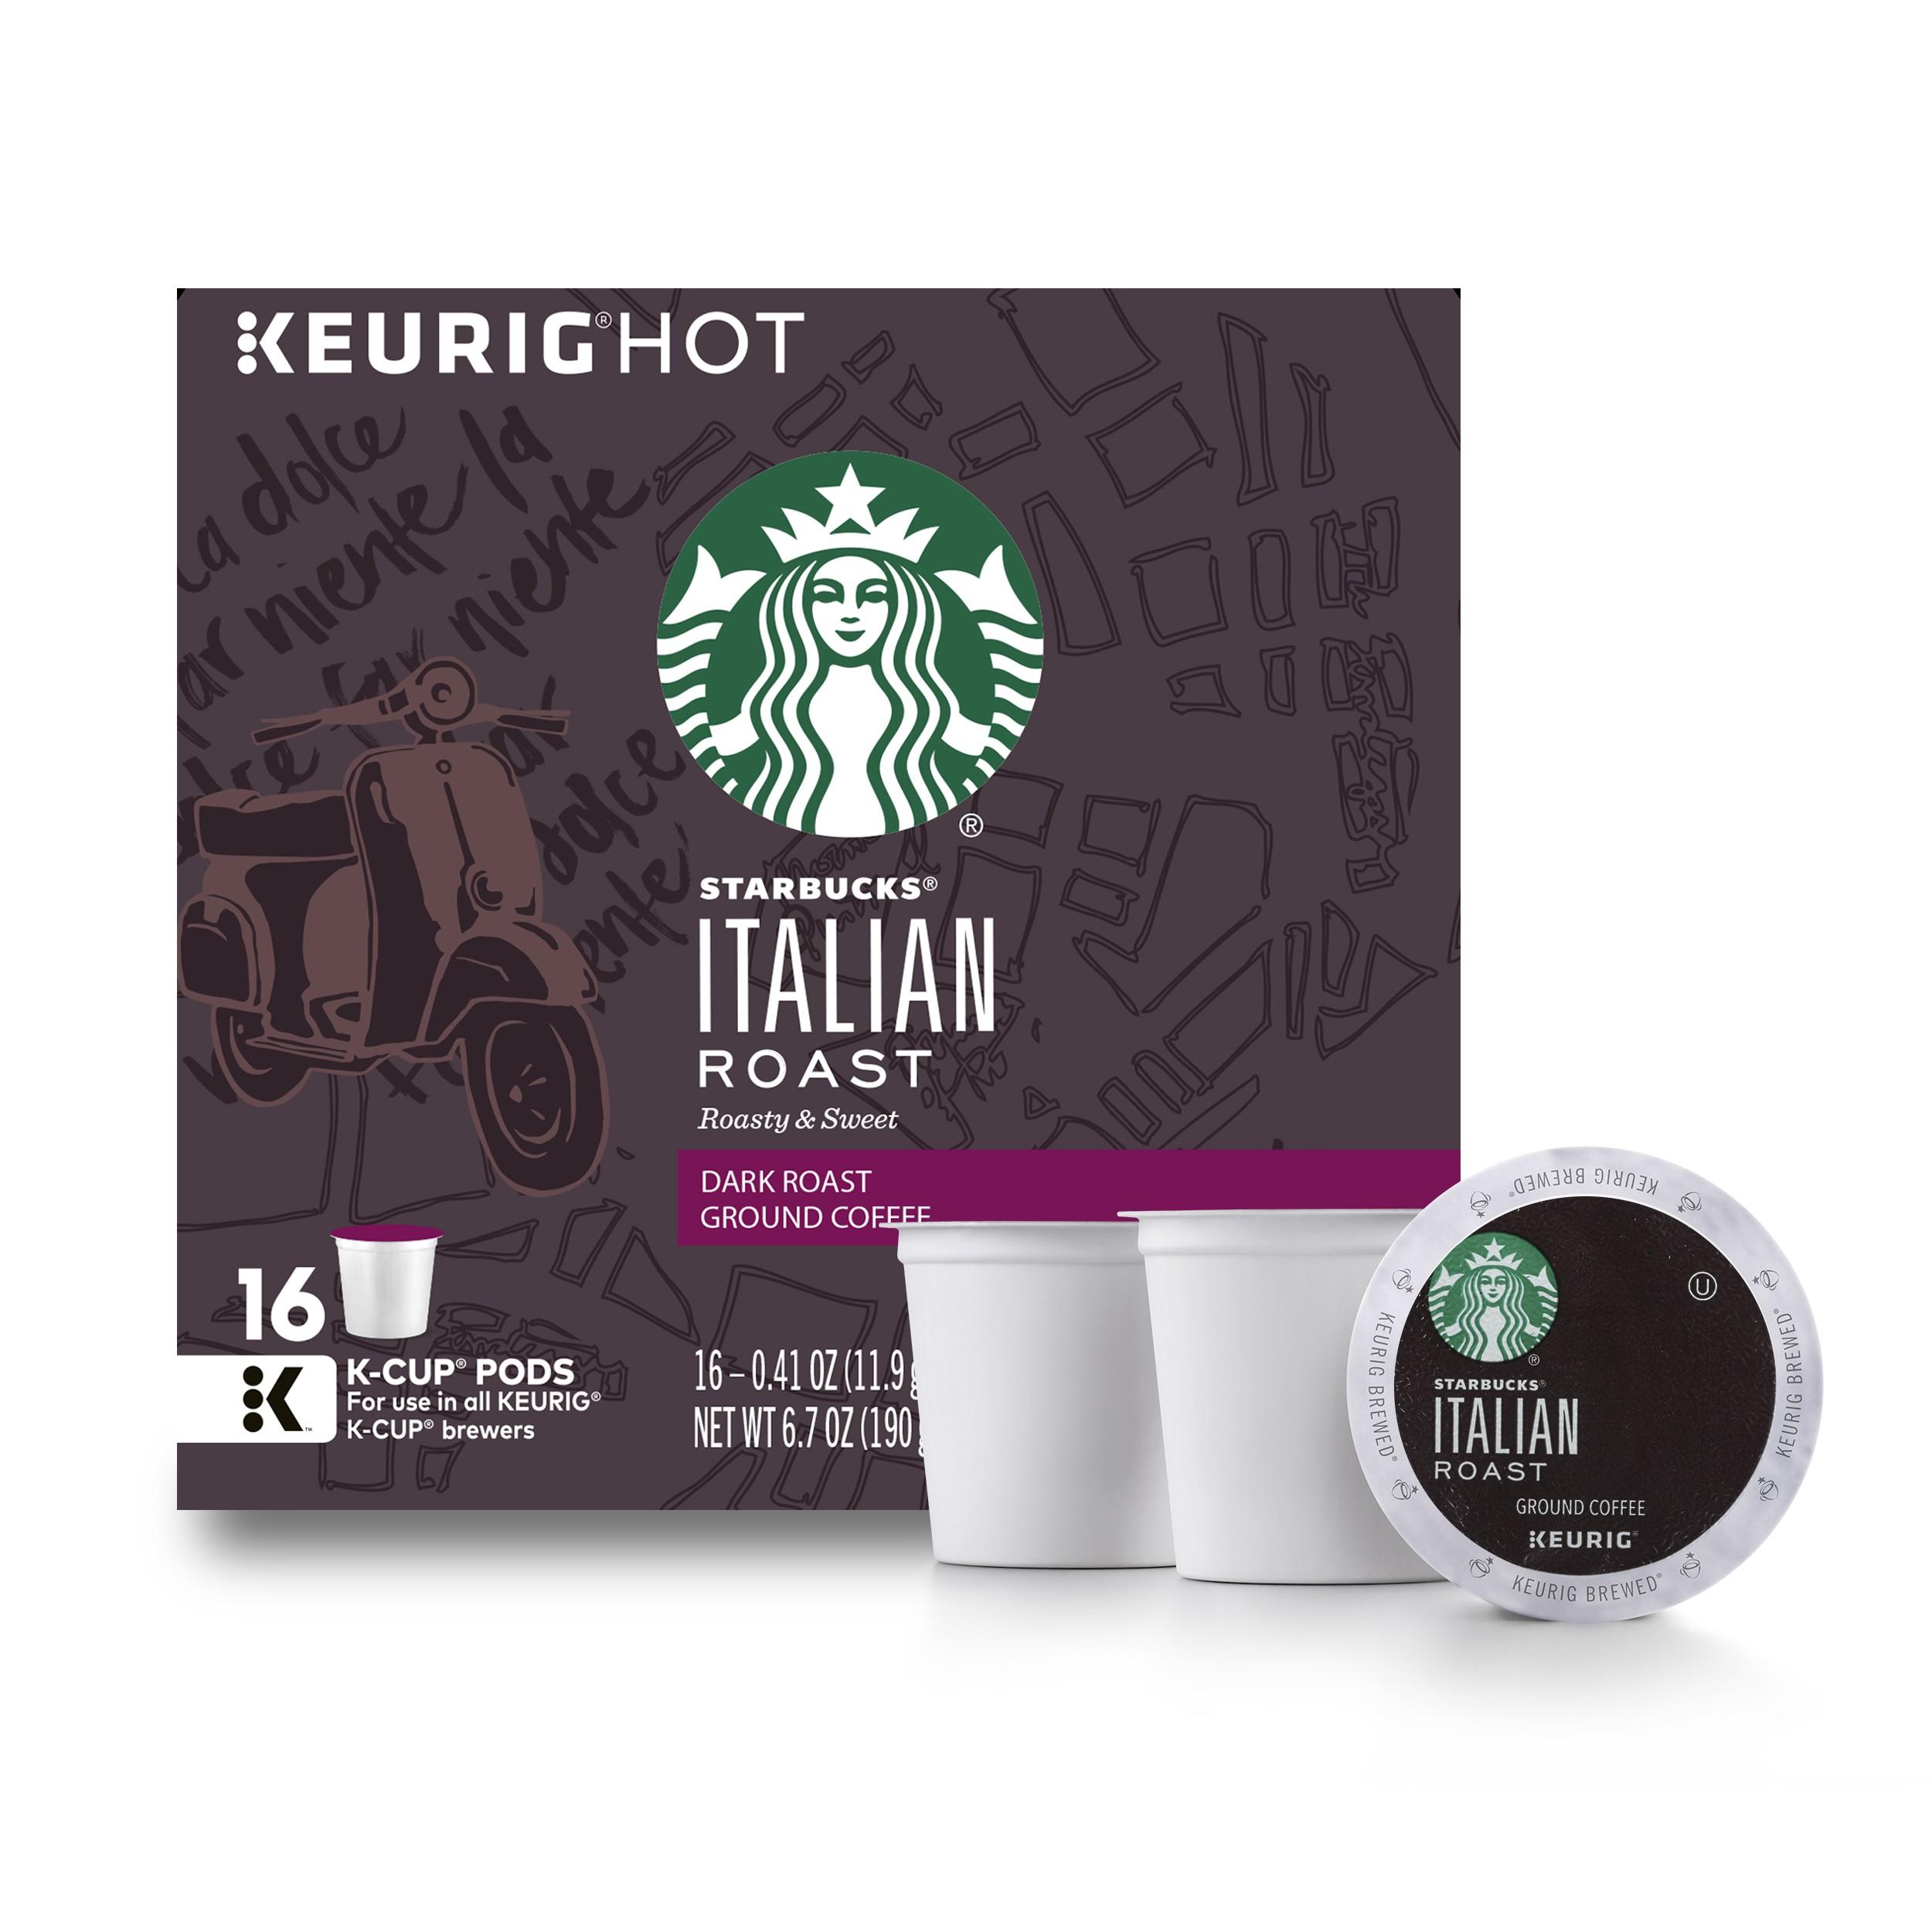 Starbucks Italian Roast Dark Roast Single Cup Coffee for Keurig Brewers, 1 Box of 16 K-Cups (16 Total K-Cup Pods)